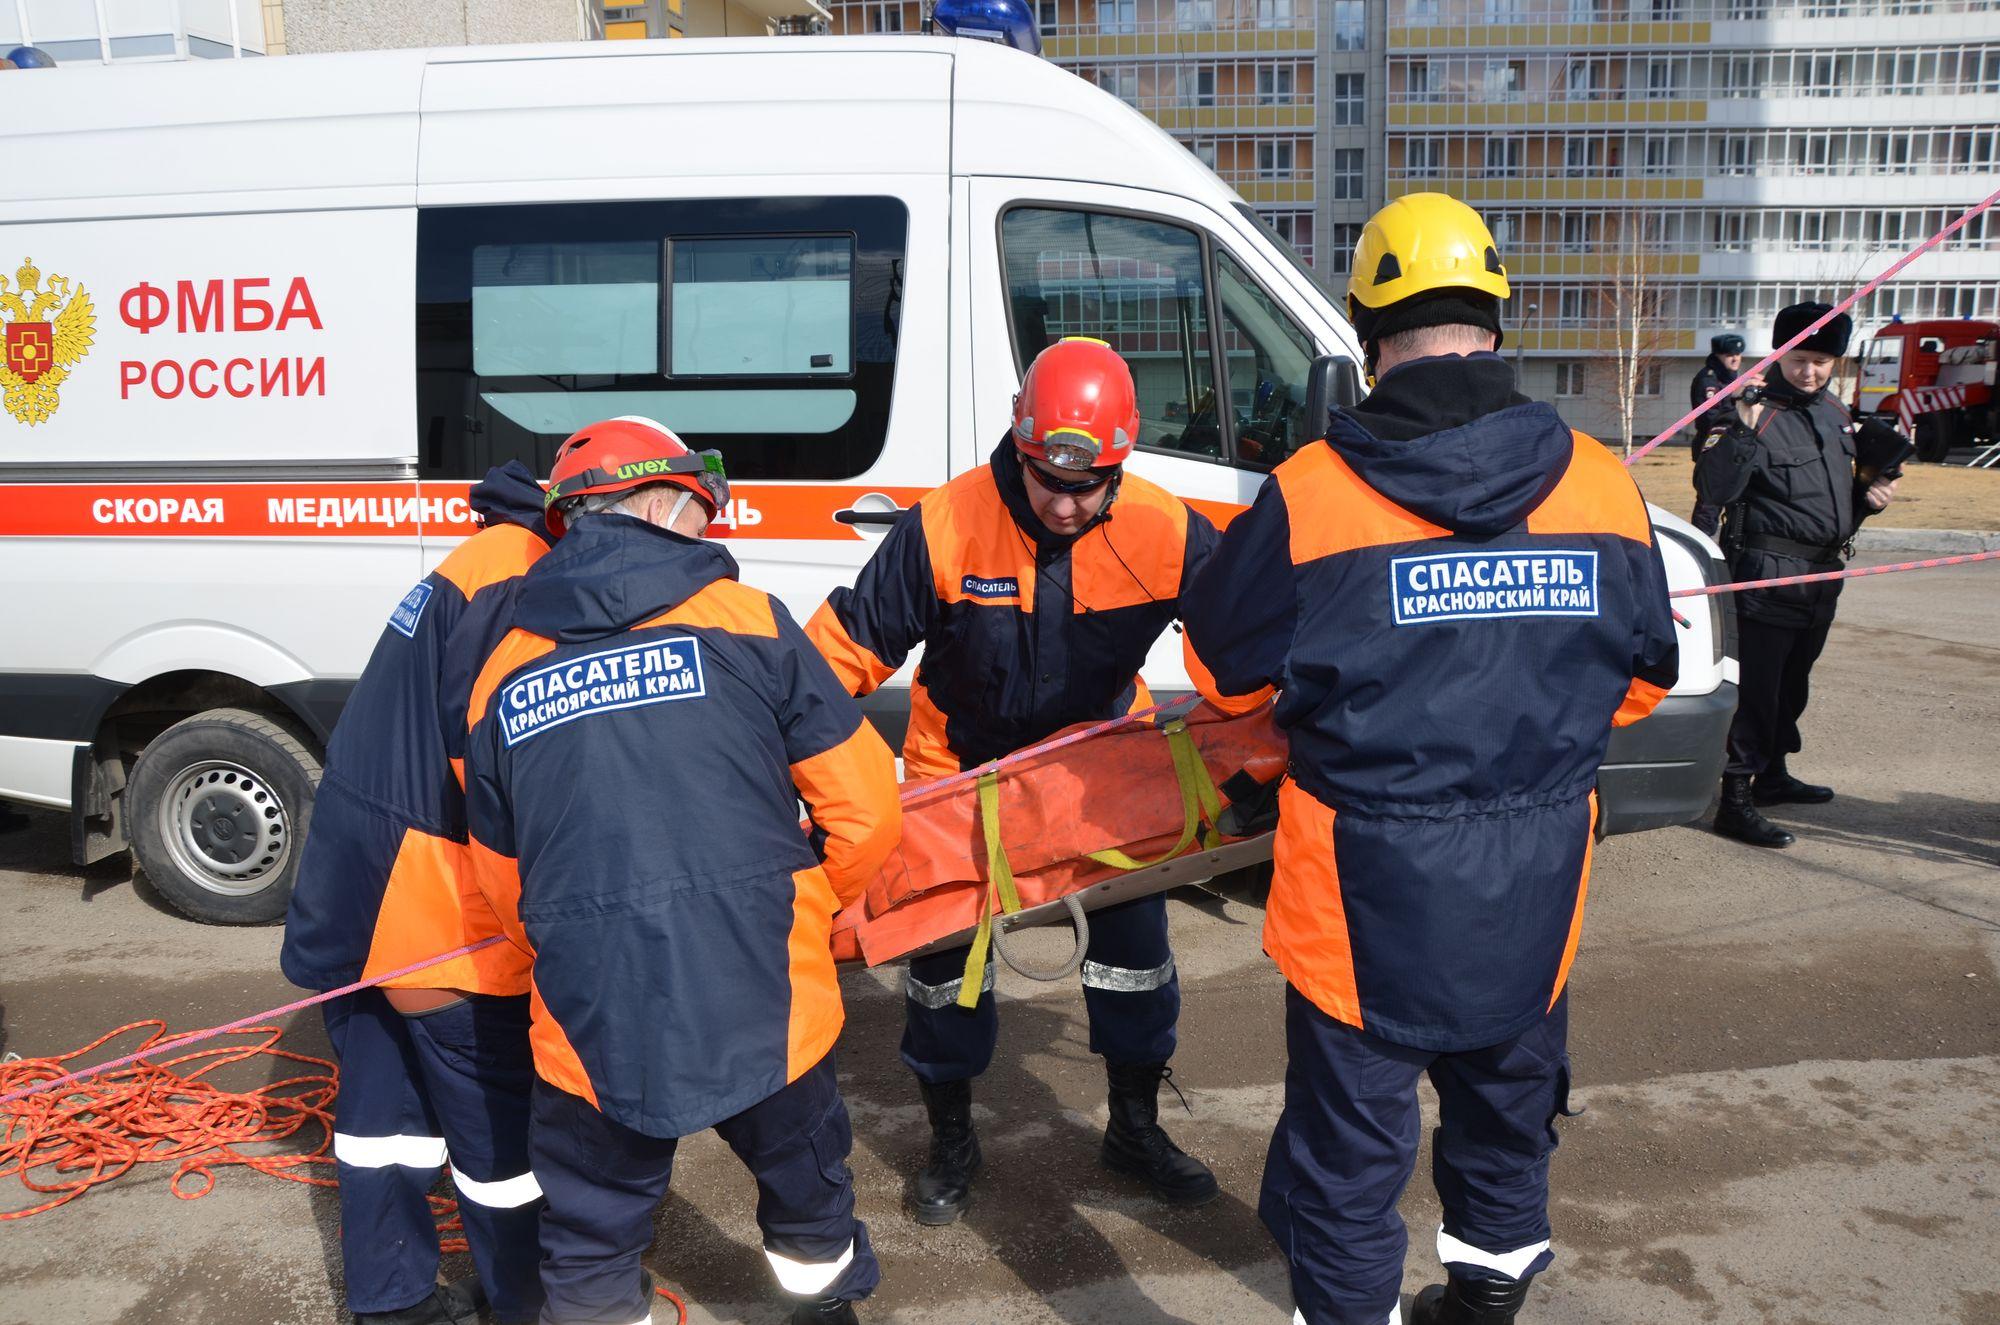 Красноярские врачи поучаствовали в пожарно-тактических учениях на объекте Универсиады-2019